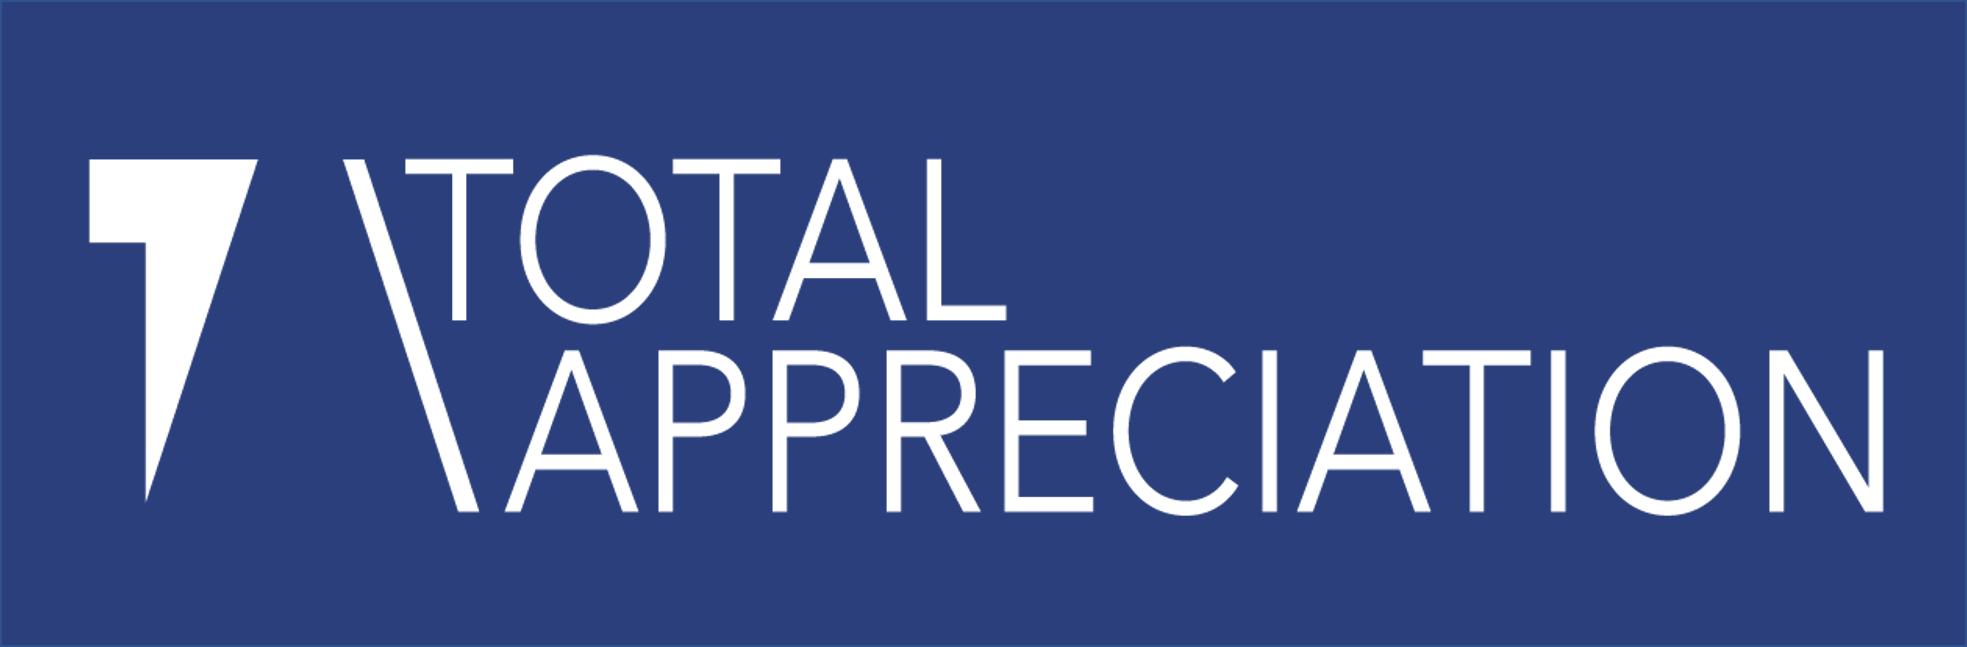 total-appreciation-logo-w-blue.png